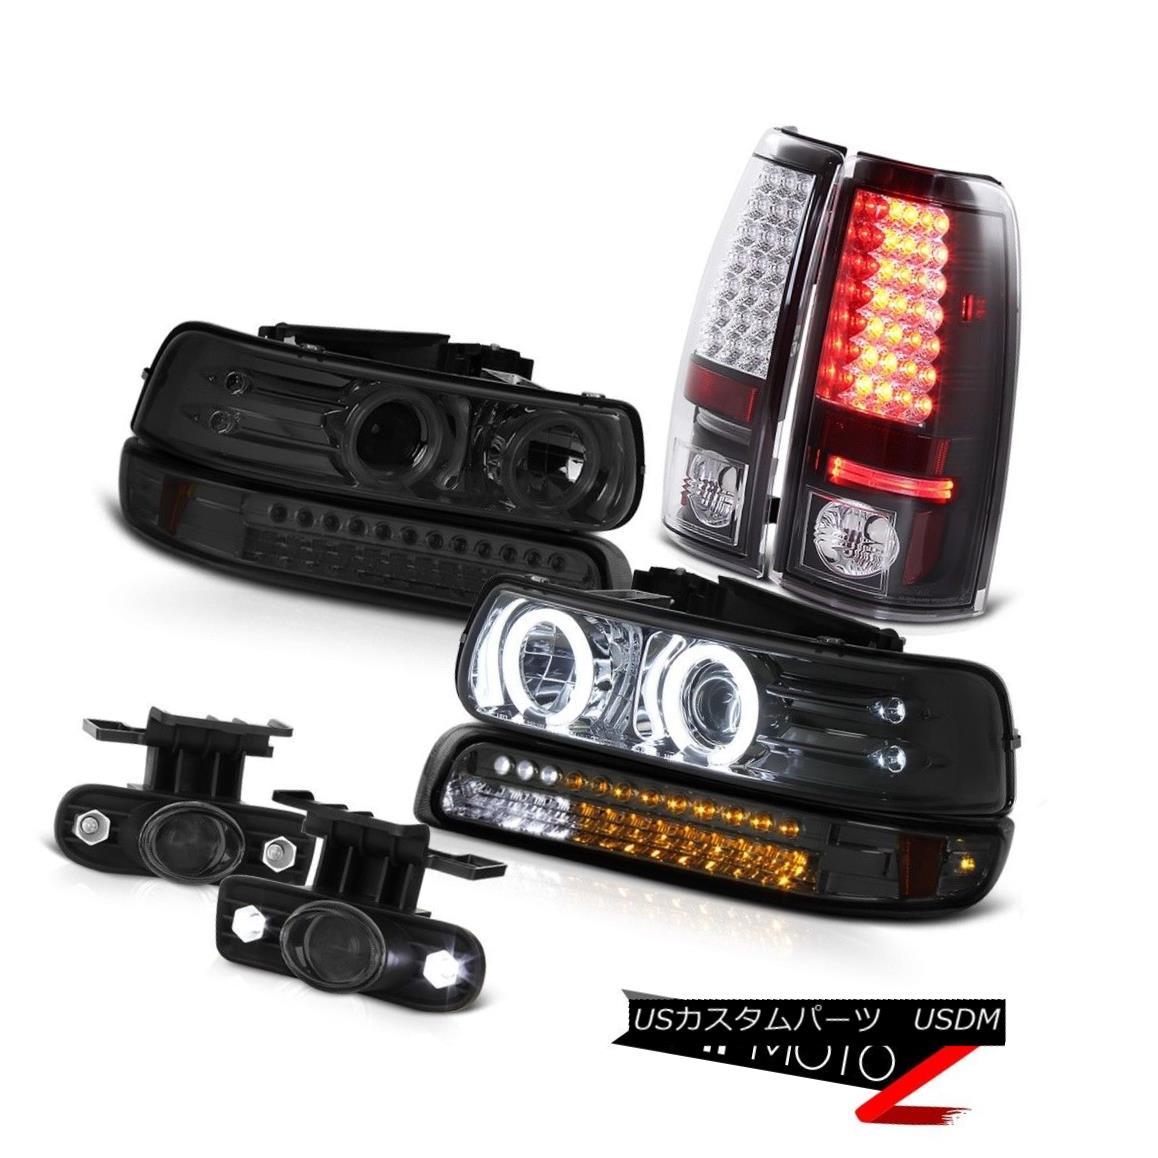 テールライト 99-02 Silverado CCFL Angel Eye Headlight LED Parking Brake Tail Light Foglamps 99-02 Silverado CCFLエンジェルアイヘッドライトLEDパーキングブレーキテールライトフォグランプ